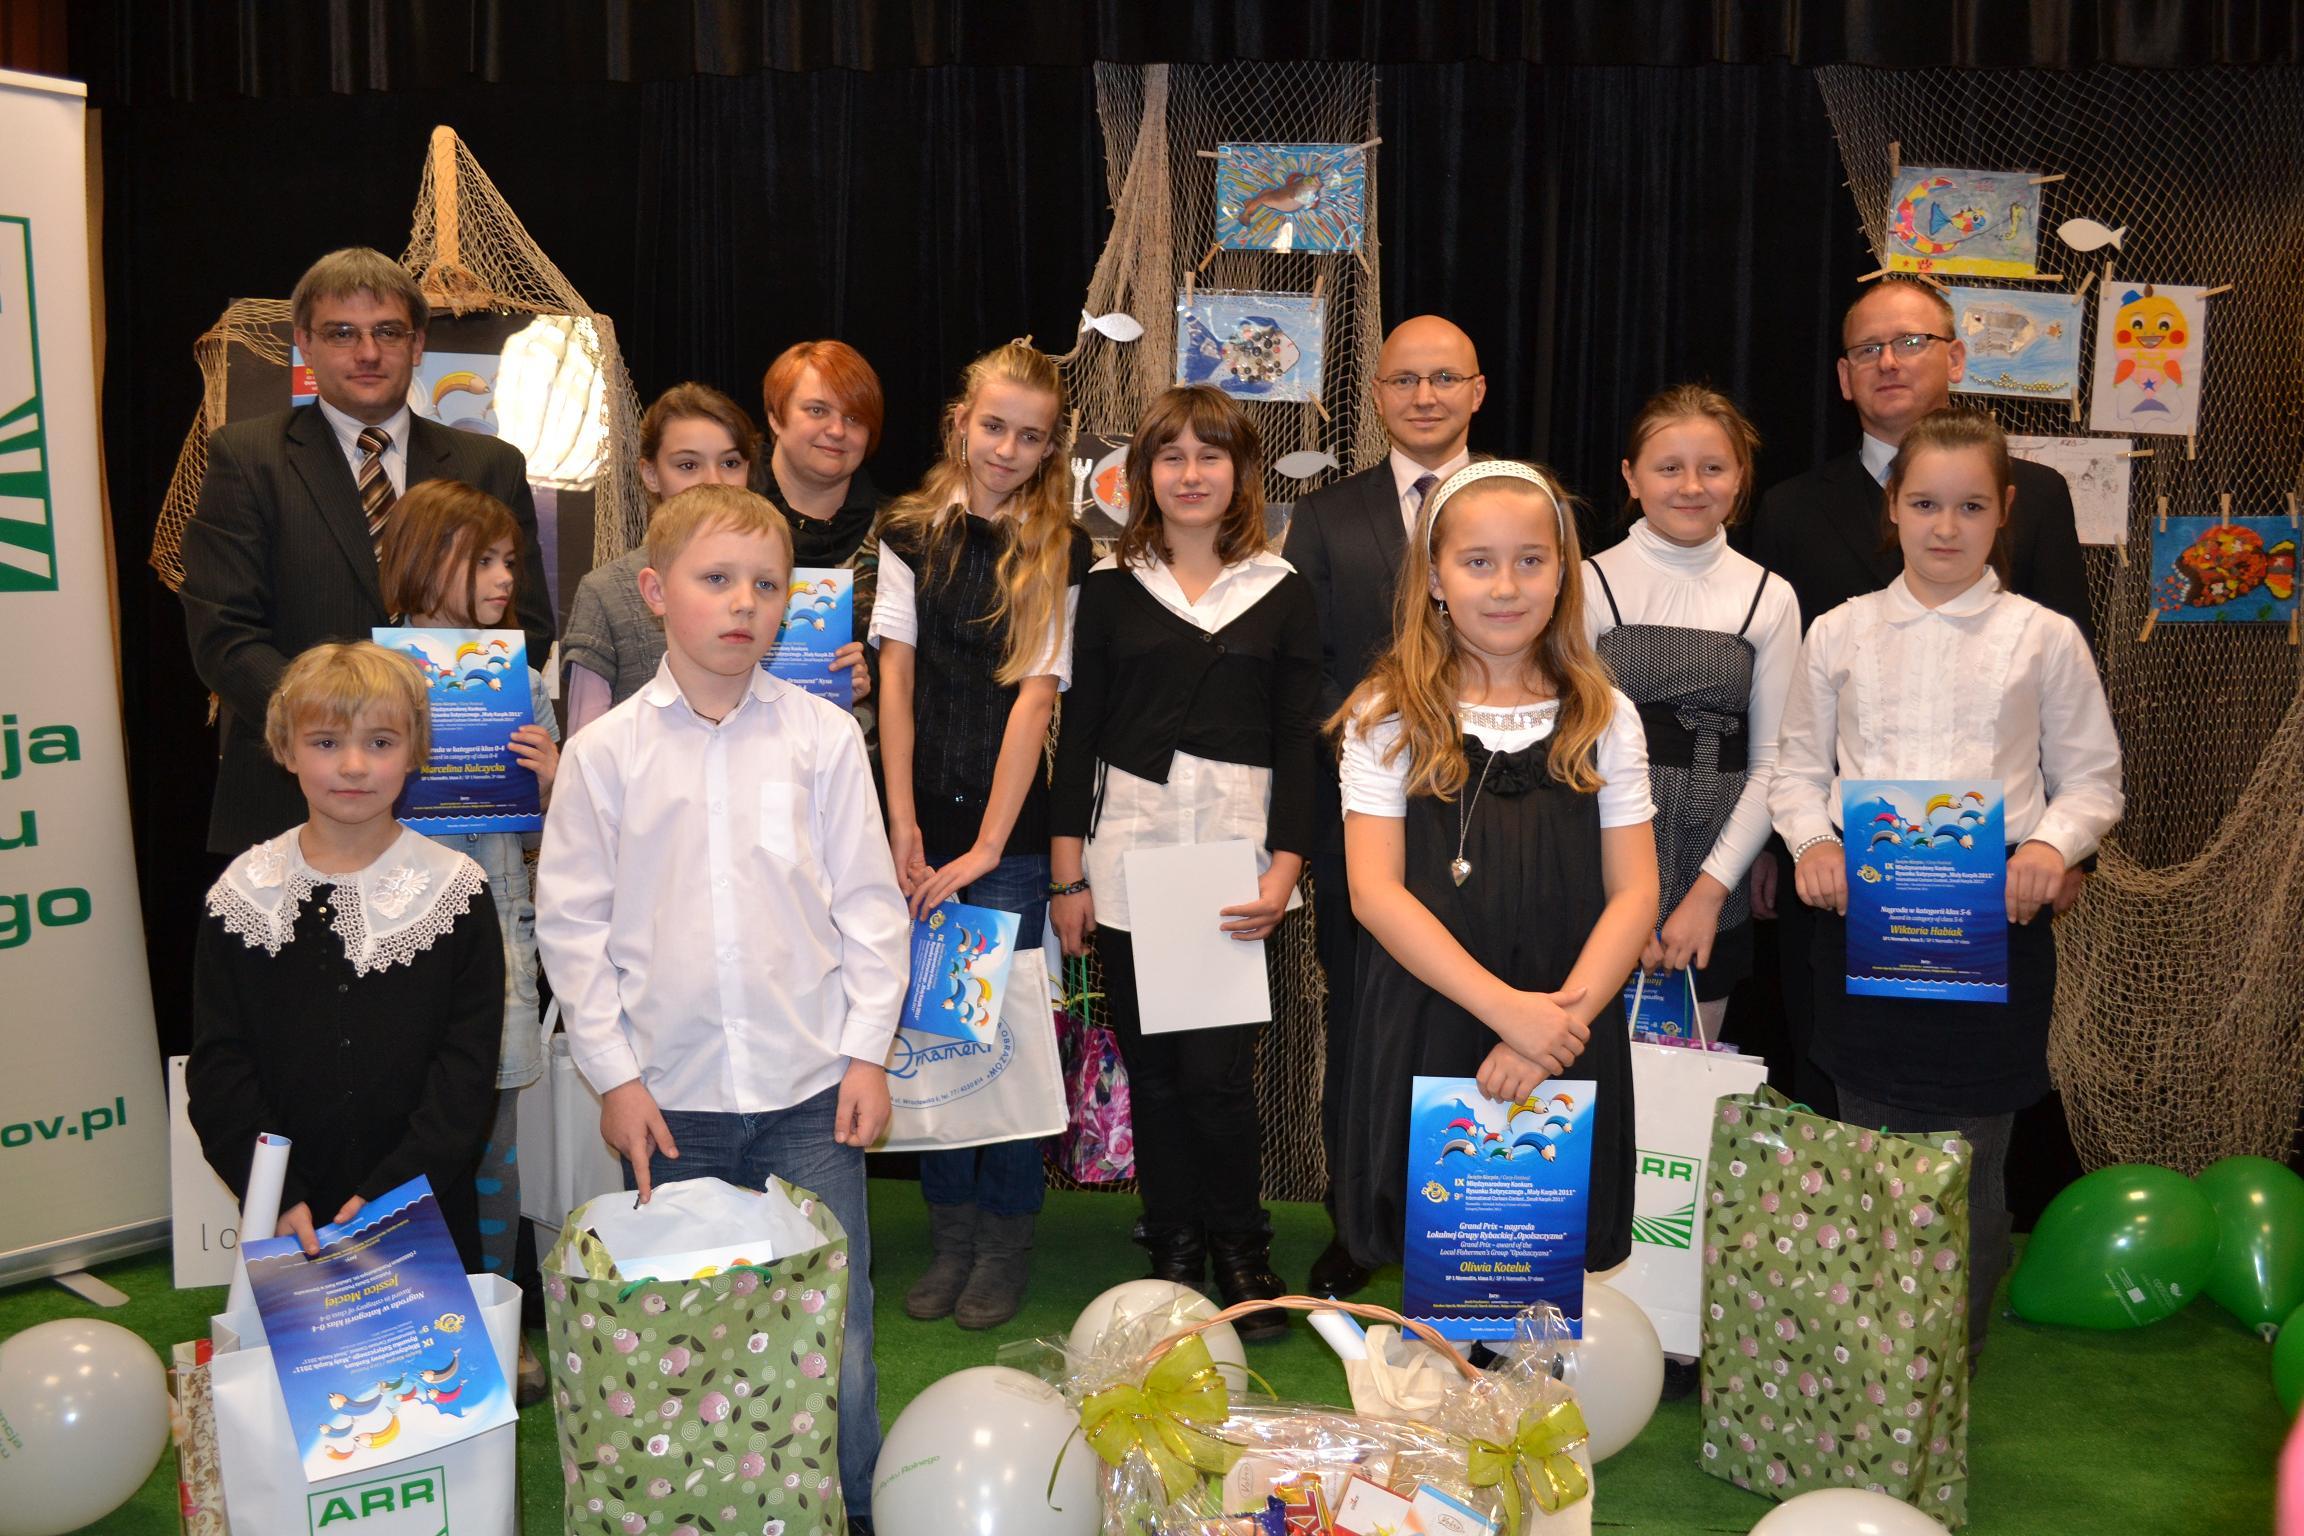 Sponsorzy i laureaci Małego Karpika 2011